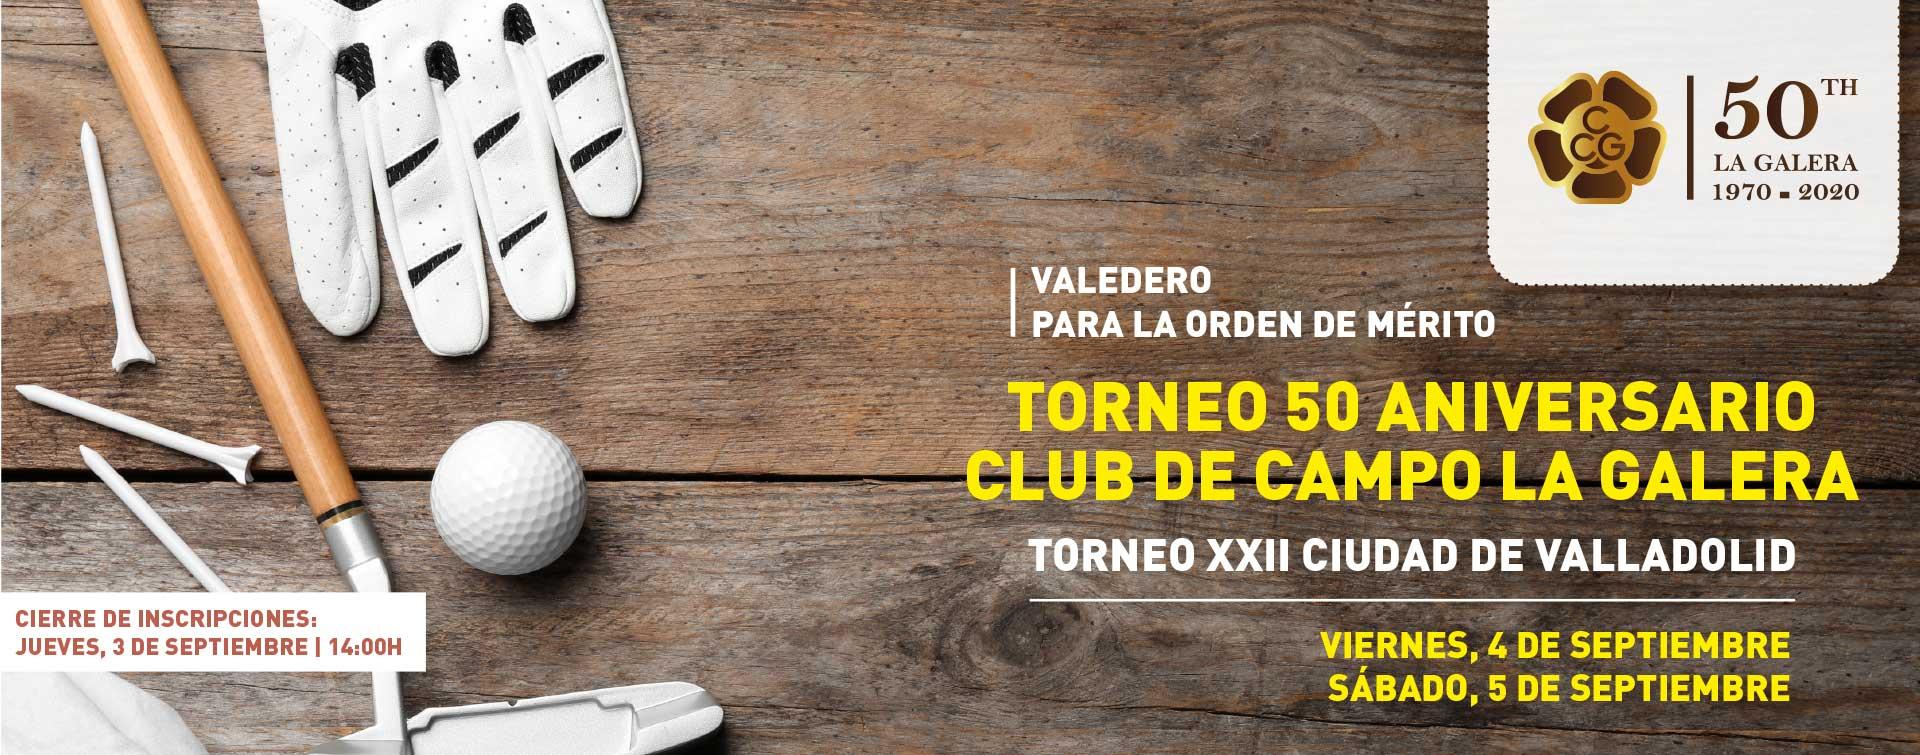 Cartel del torneo de golf 50 aniversario de La Galera, en Valladolid